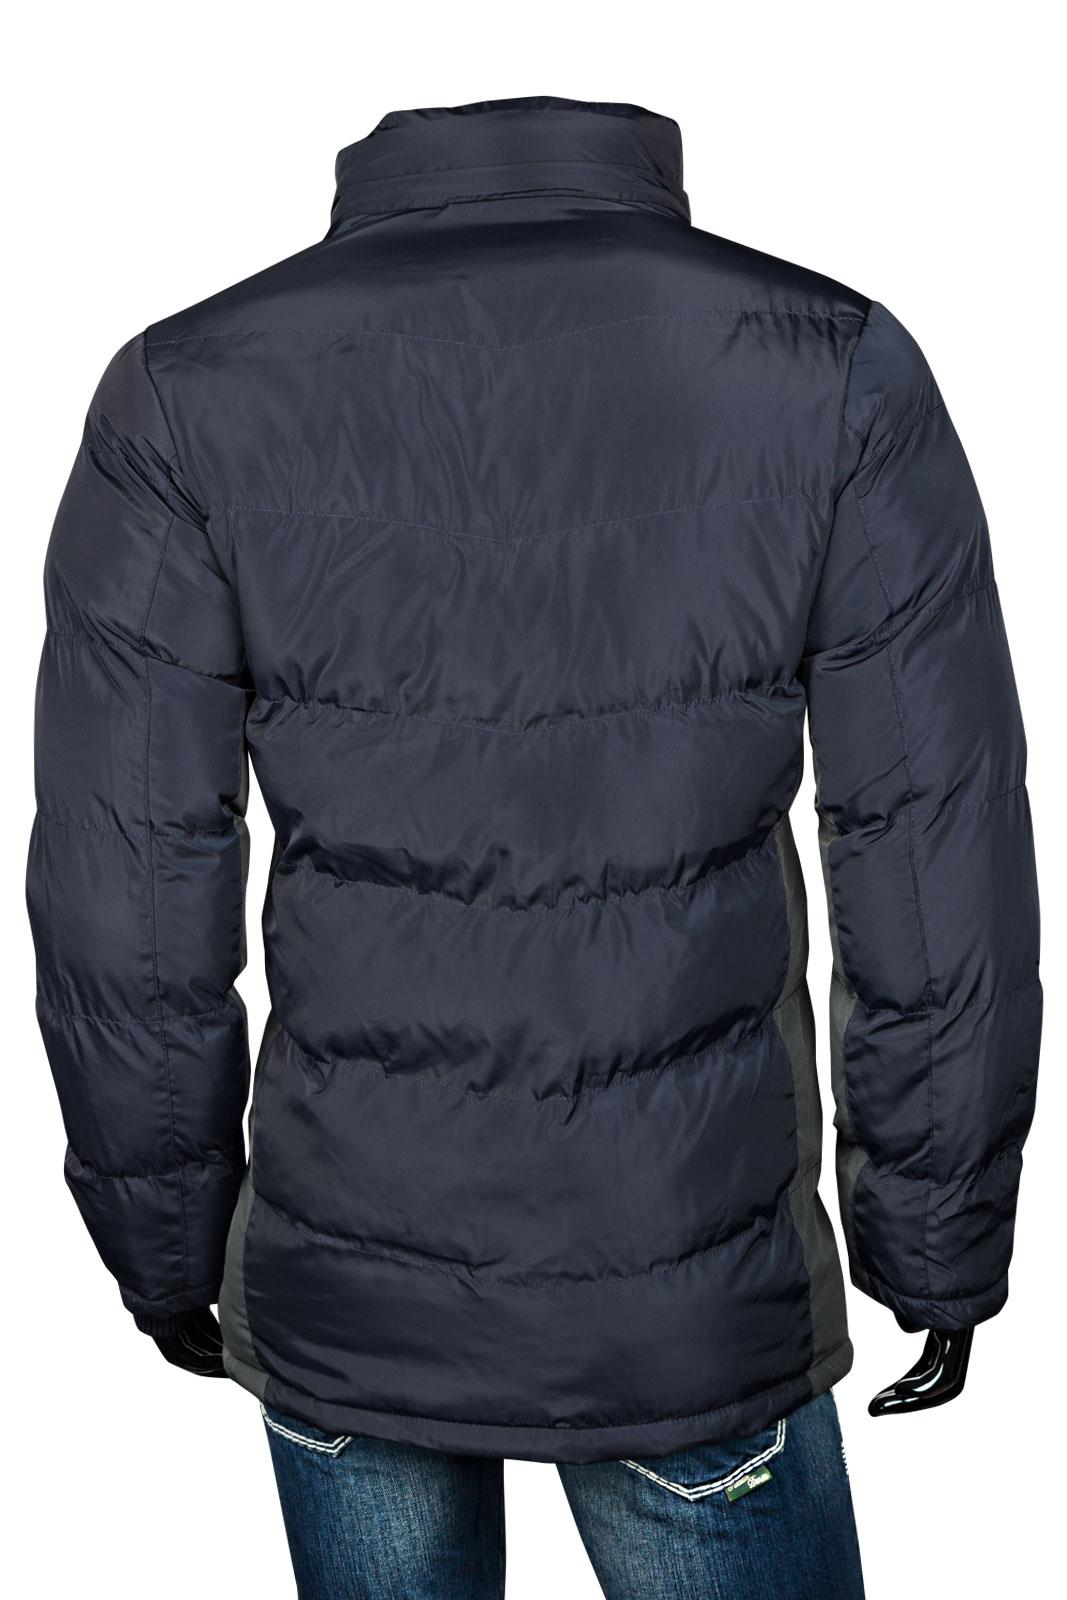 herren steppjacke winter jacke lang parka mantel alaska. Black Bedroom Furniture Sets. Home Design Ideas